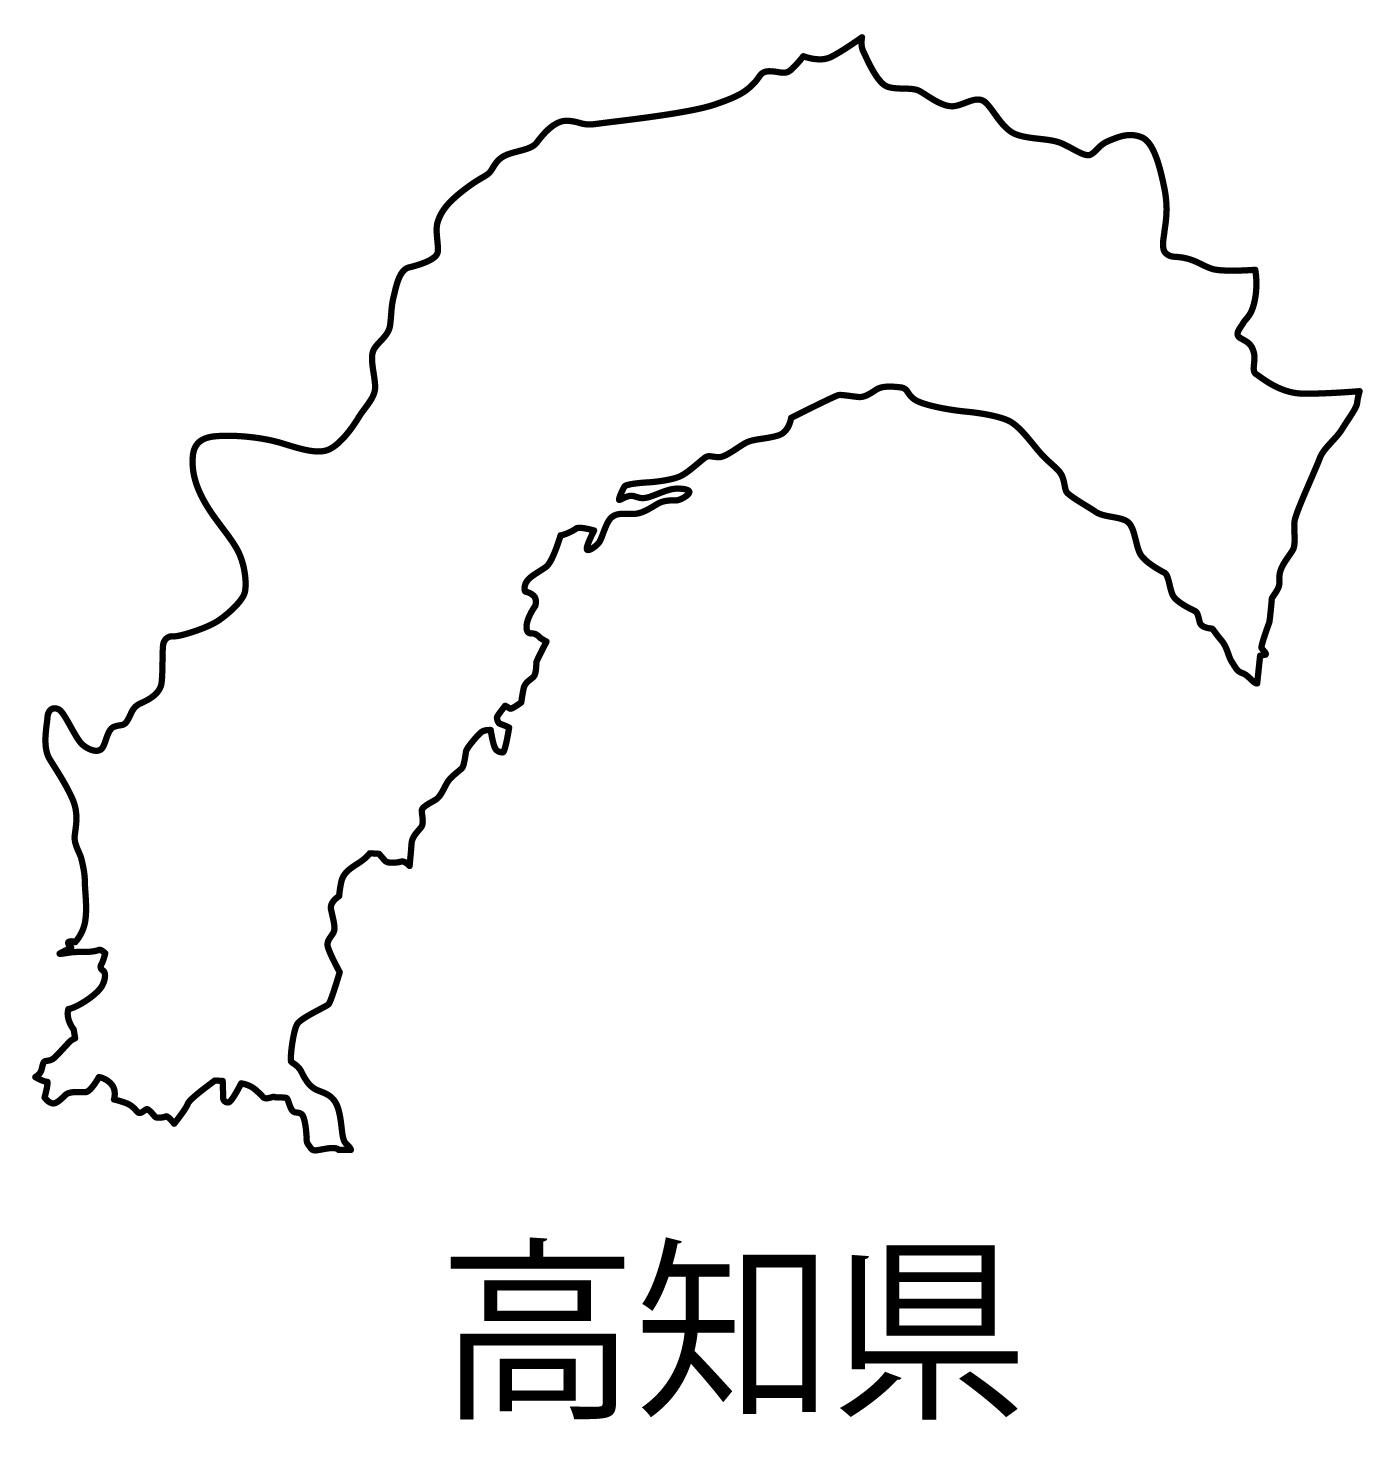 高知県無料フリーイラスト|日本語・都道府県名あり(白)